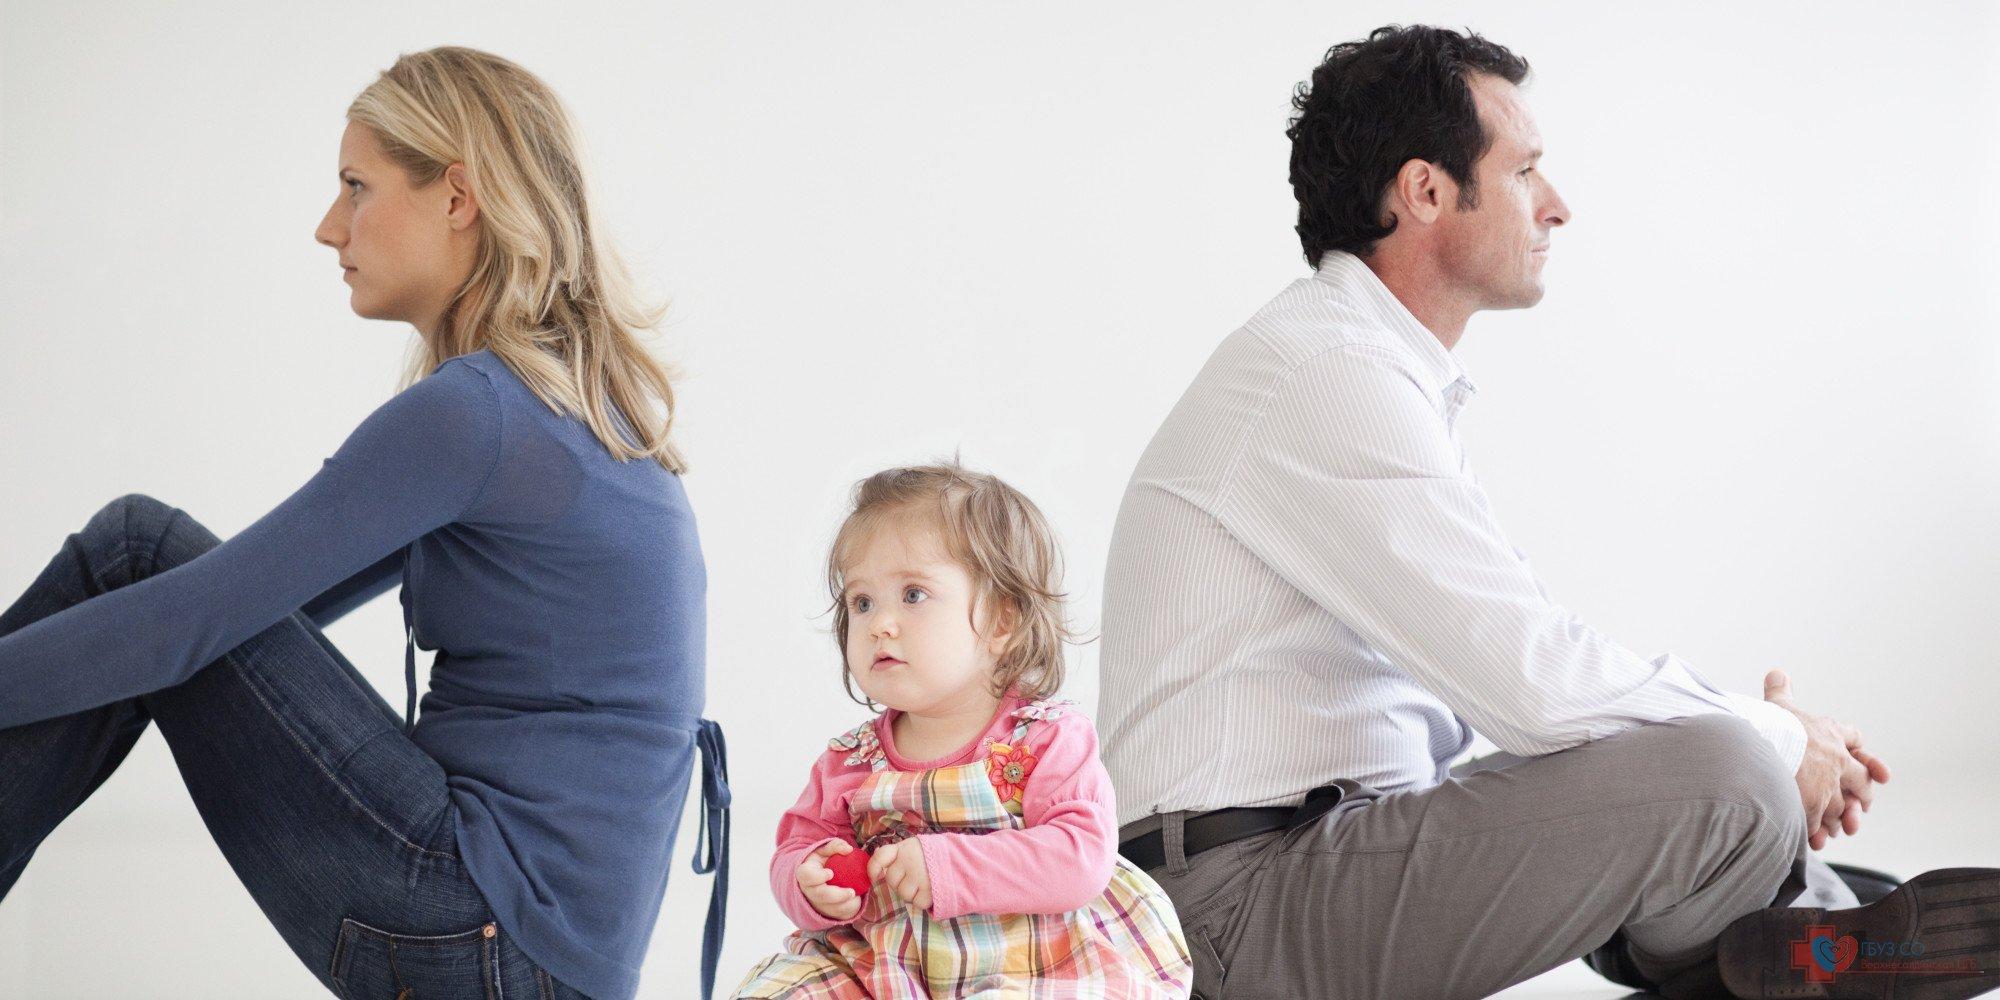 планета как сказать маме о разводе с мужем что смогу